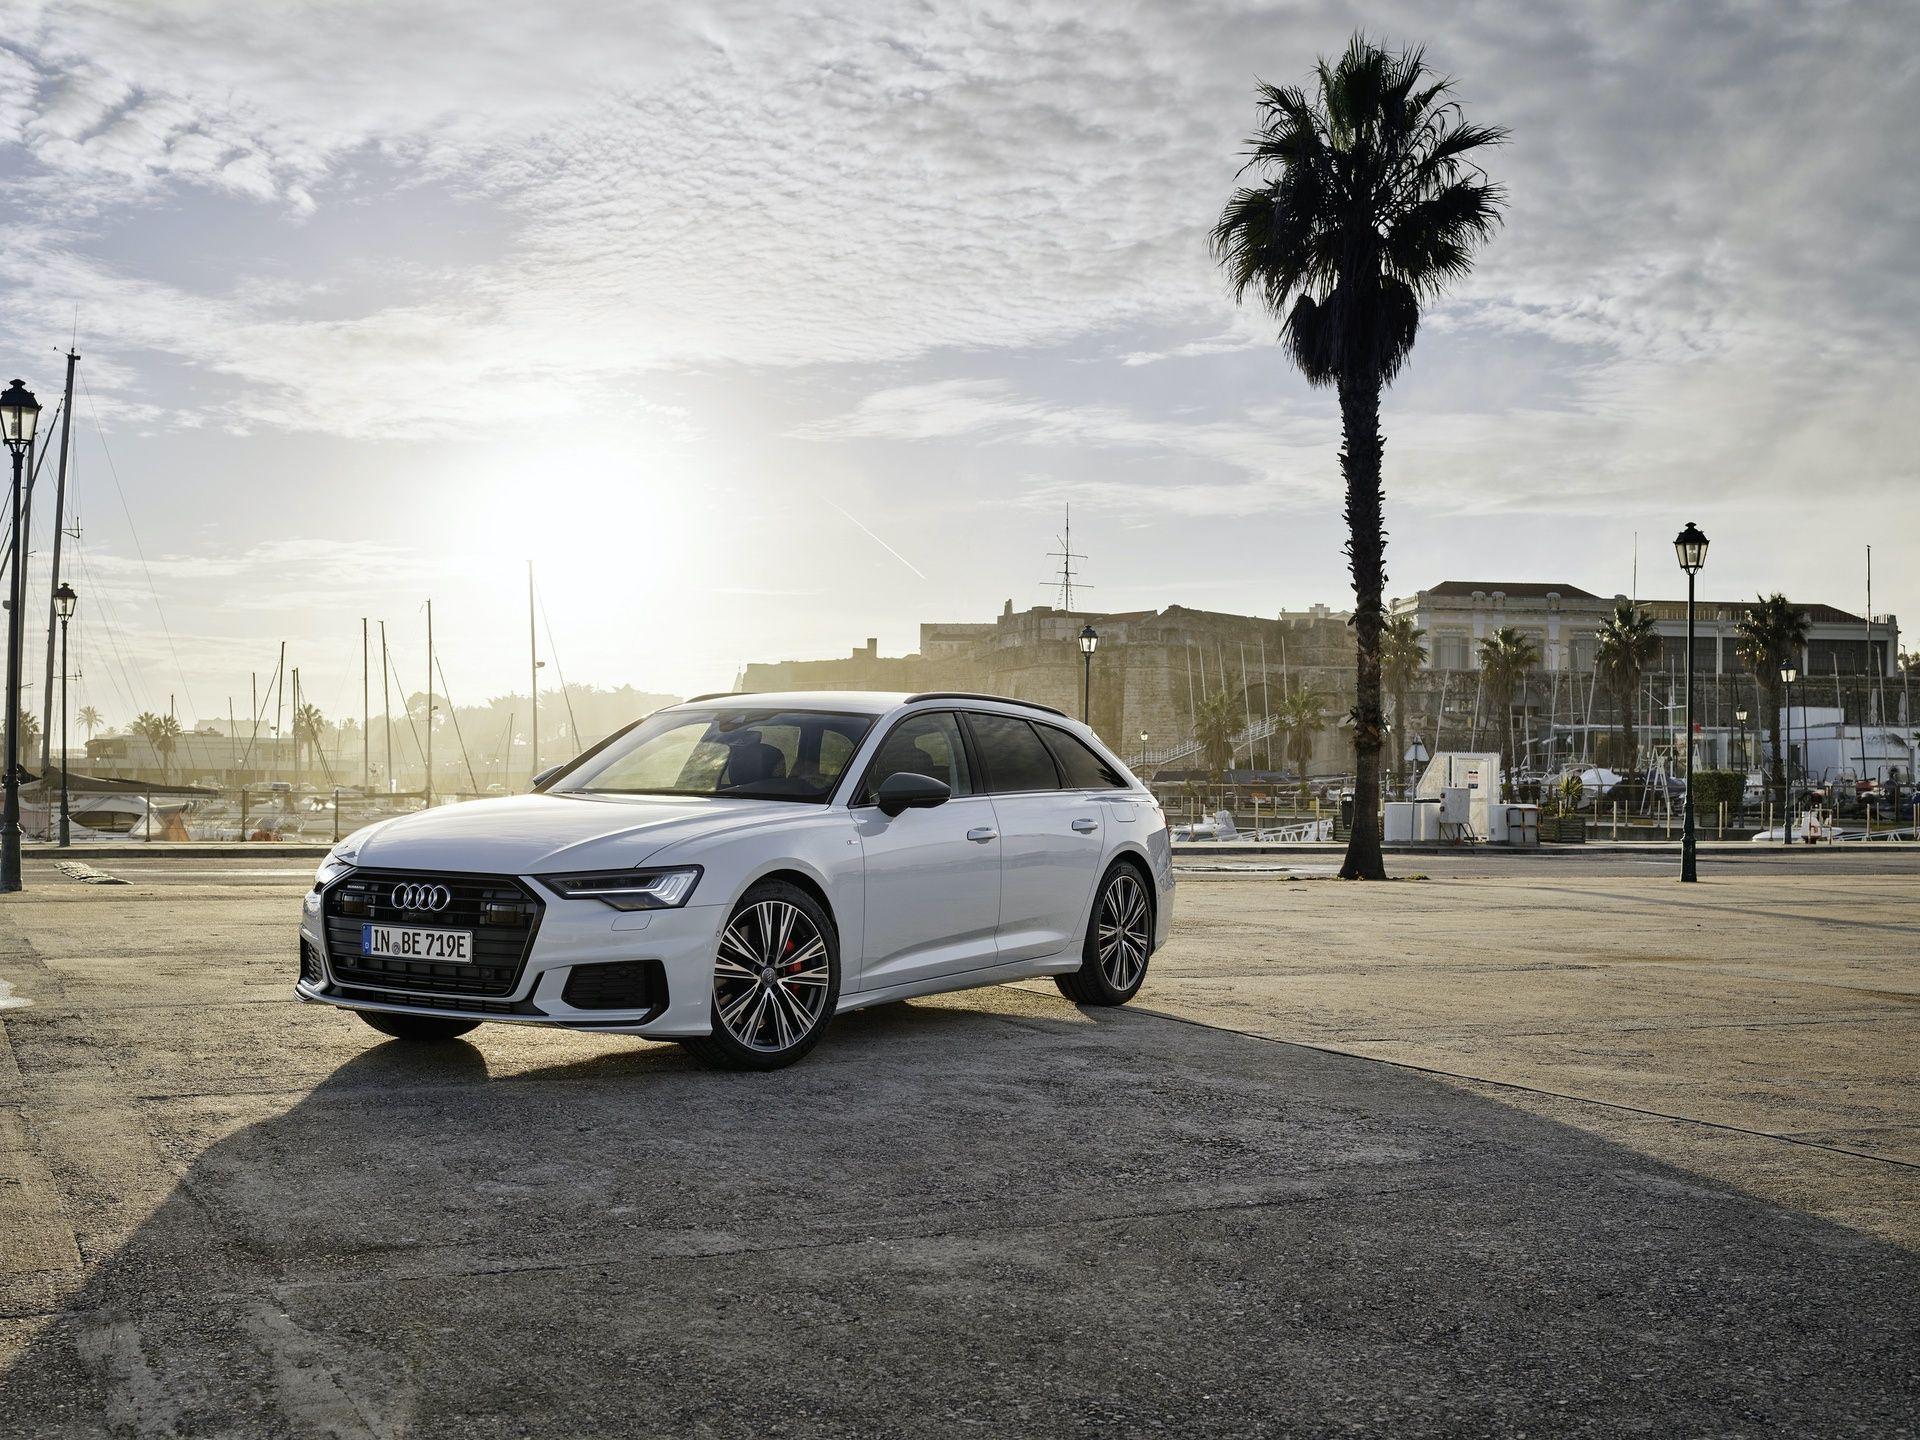 Audi_A6_Avant_55_TFSIe_Quattro_0001